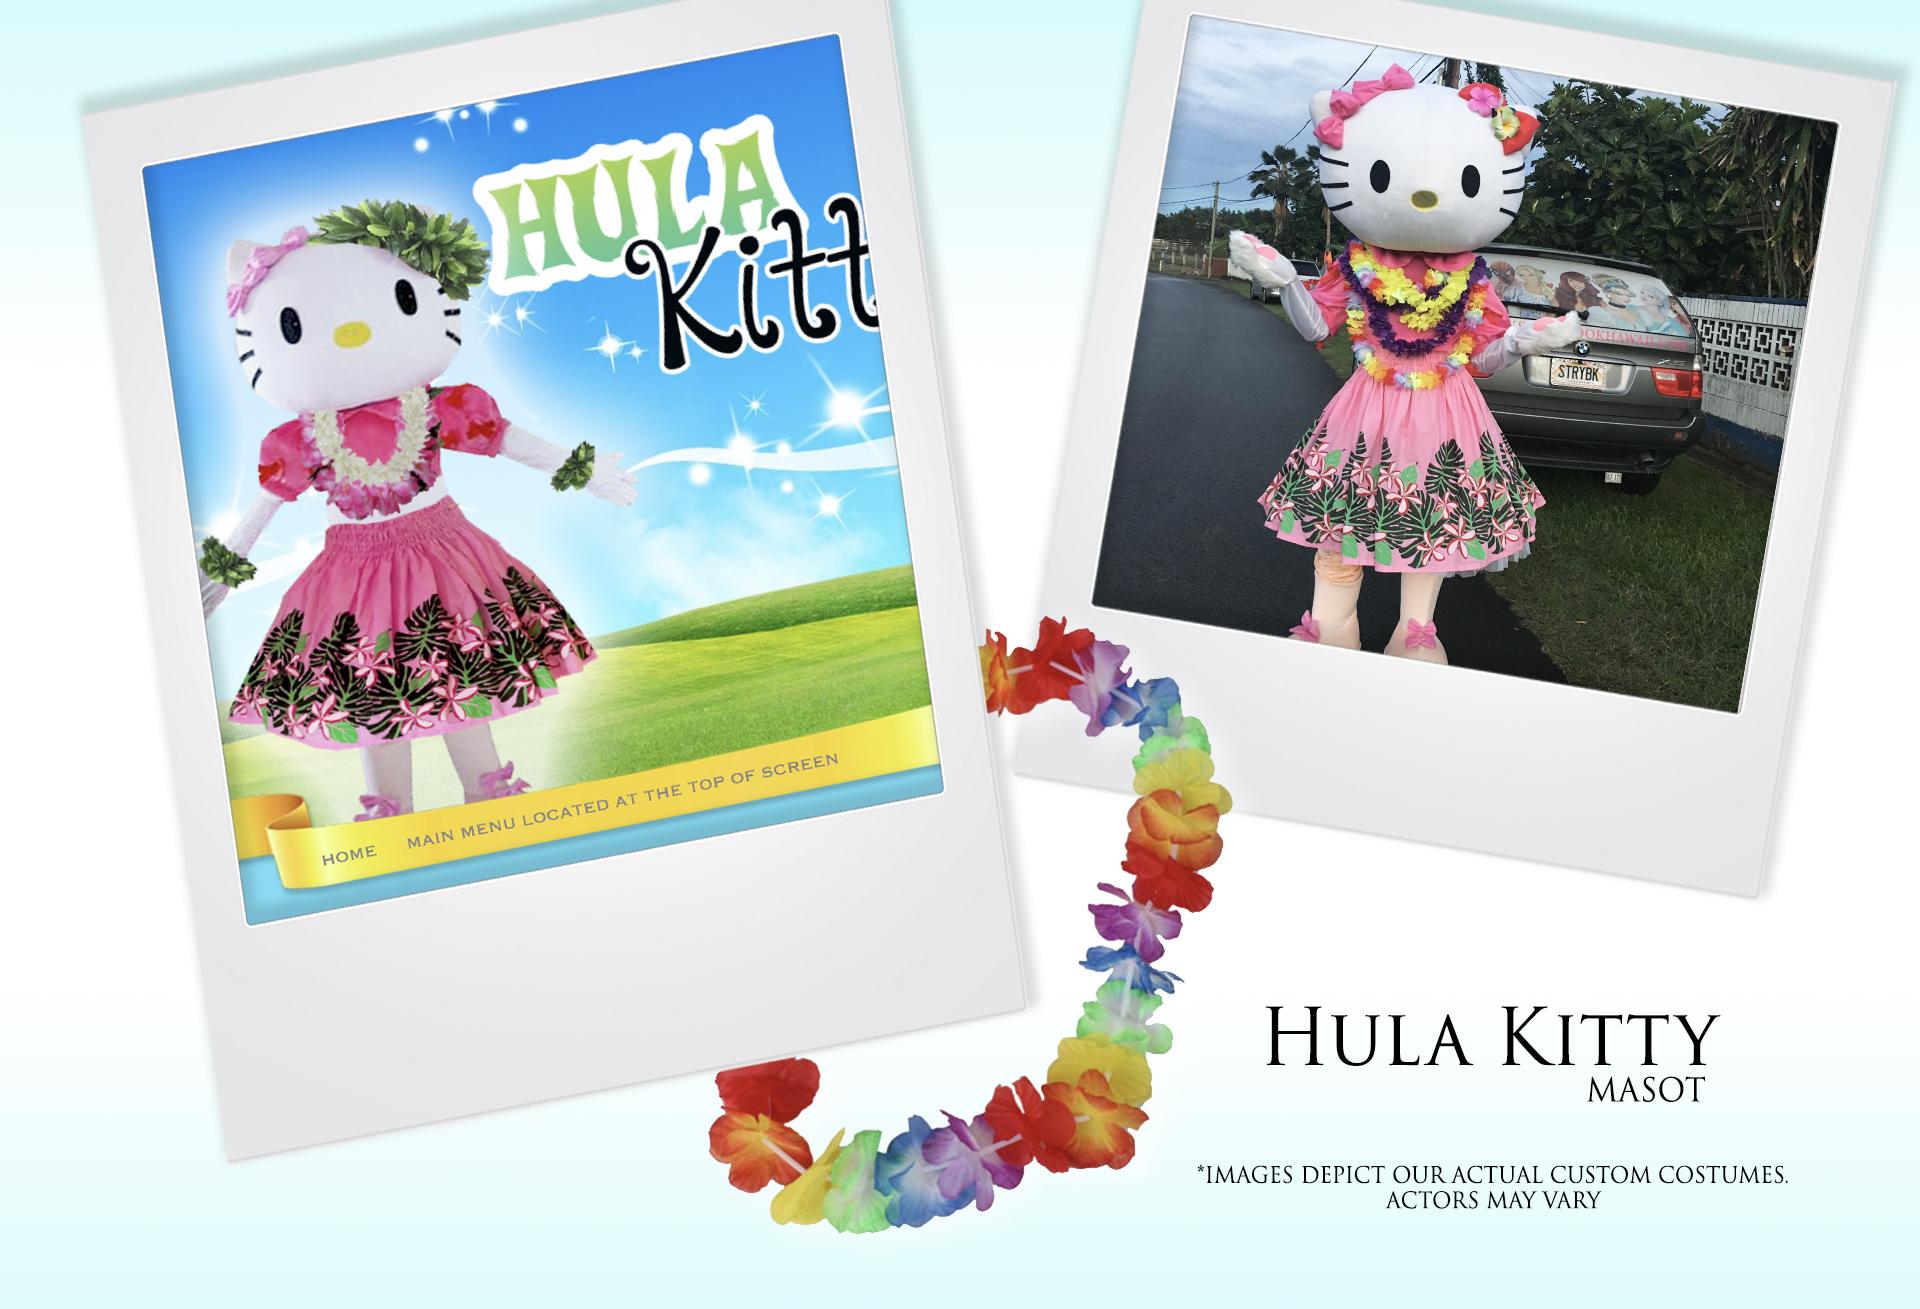 Hula Kitty